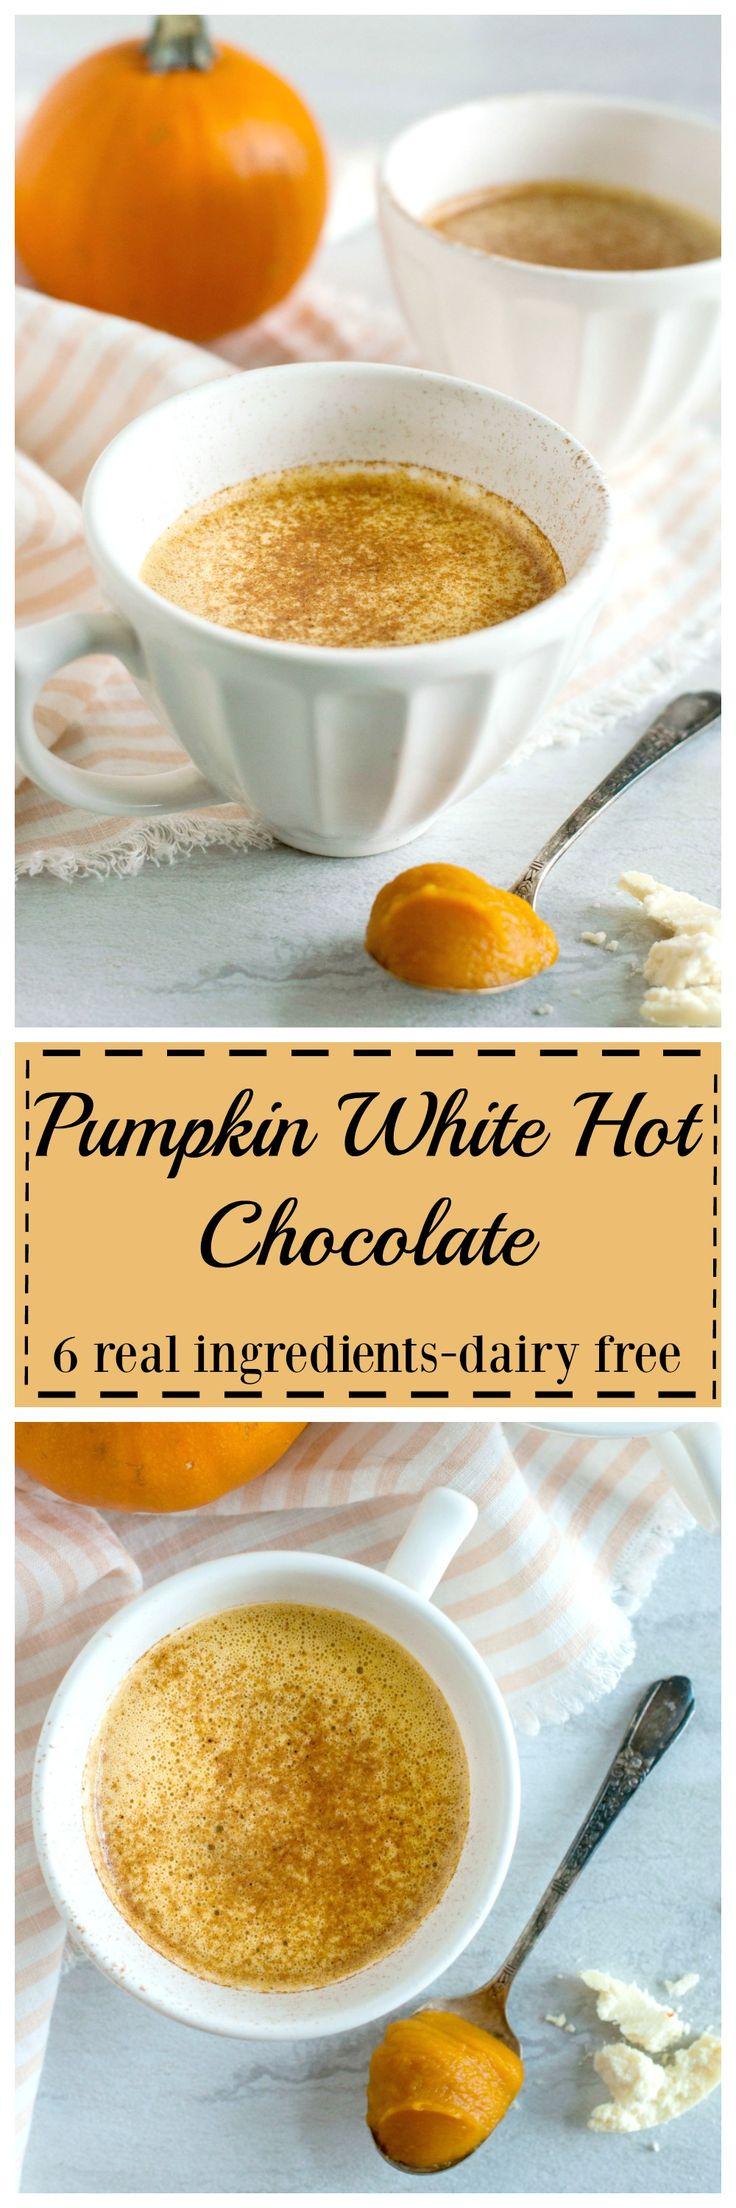 Pumpkin White Hot Chocolate (Dairy Free) Recipe White